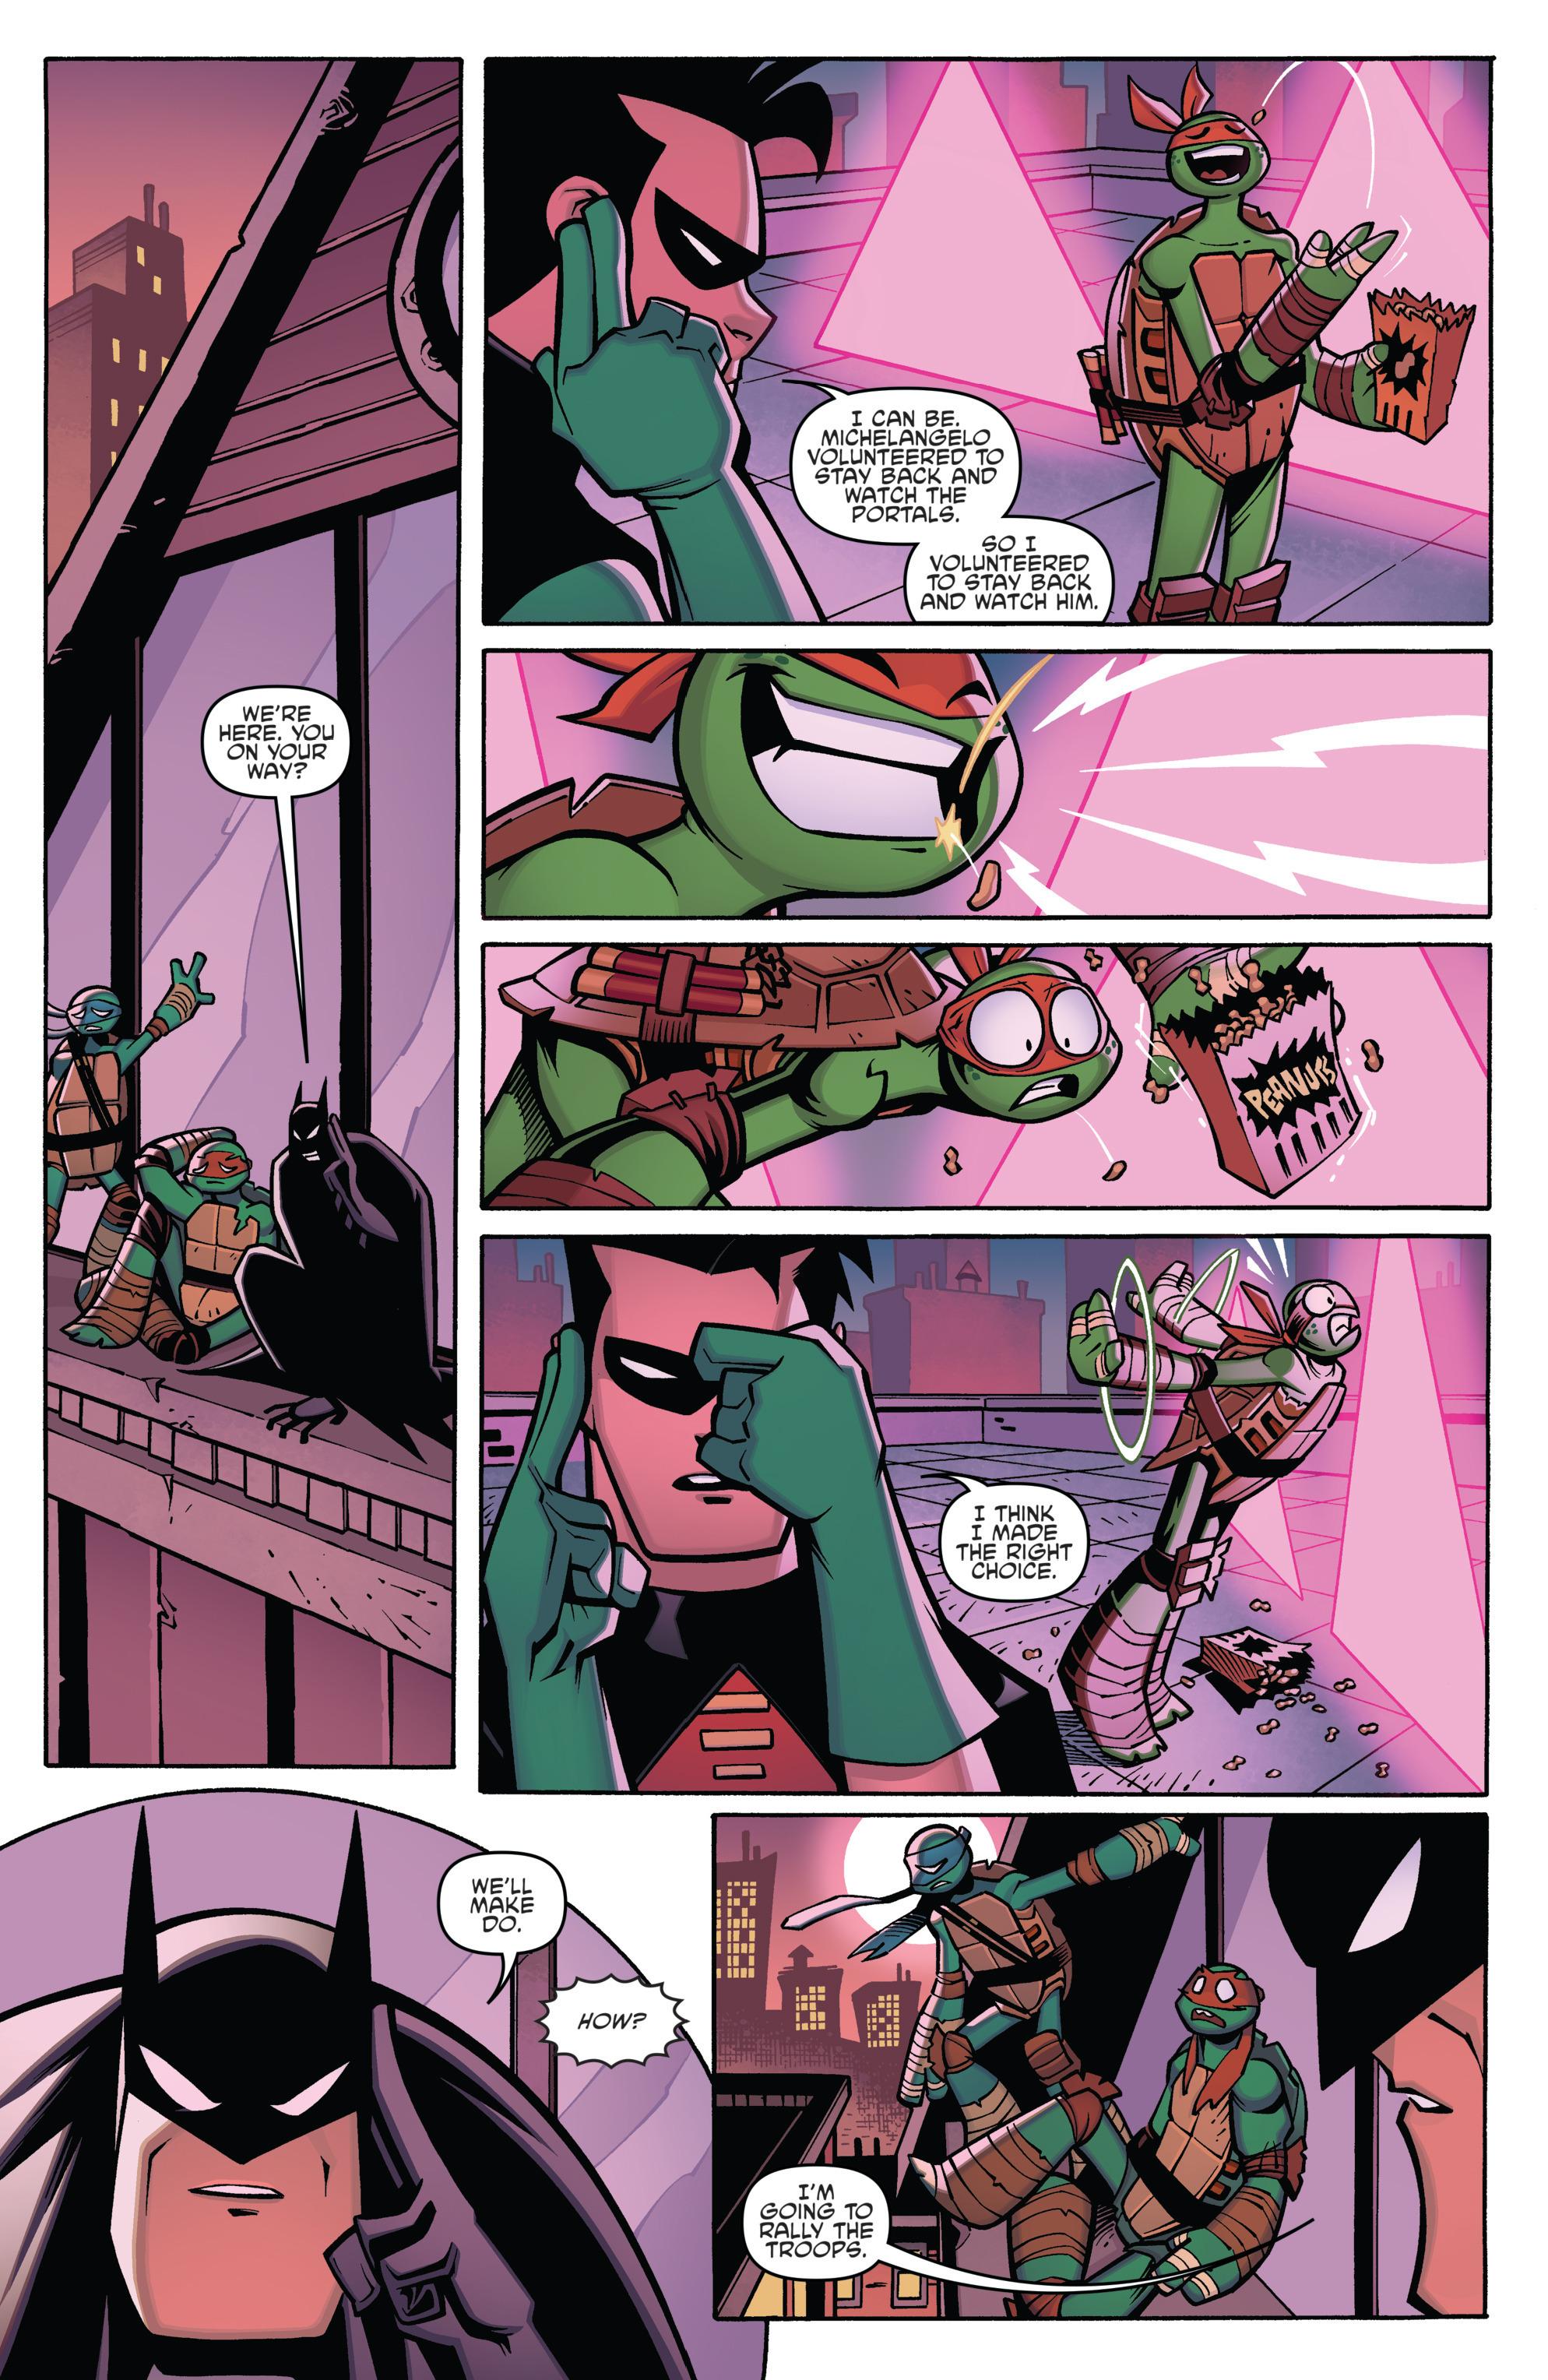 Read online Batman/Teenage Mutant Ninja Turtles Adventure comic -  Issue #4 - 16